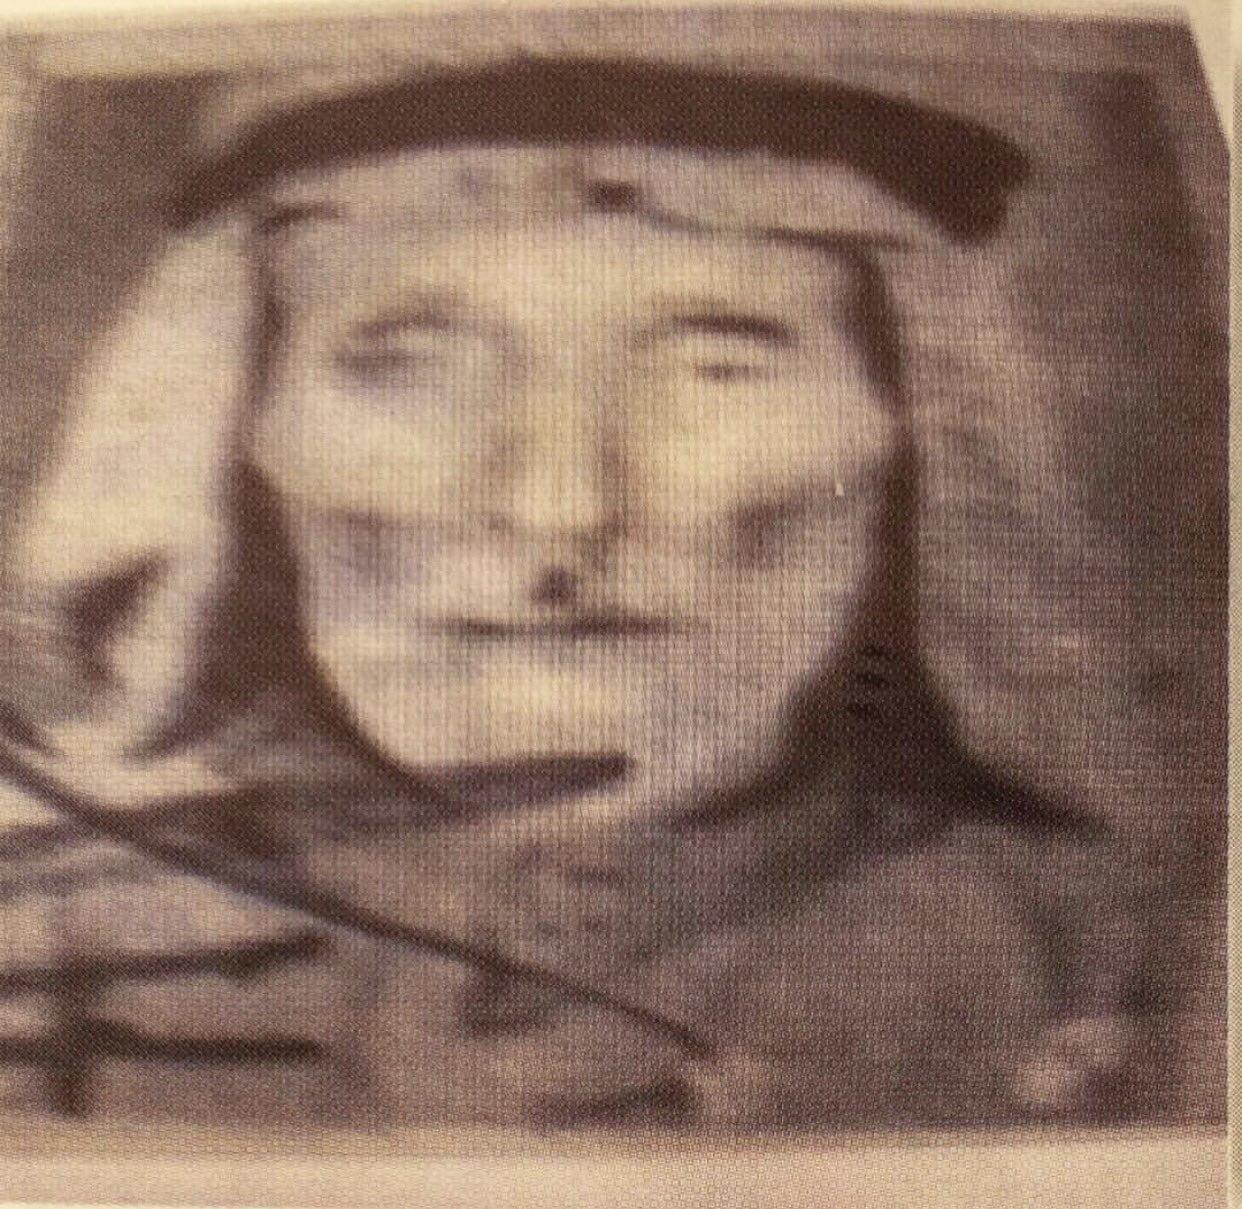 """غامد on Twitter: """"يقول الشاعر علي بن عثمان الجبلي الذي توفى في عام ١٣٩٩  للهجرة قصيدة جميلة بدعها : 1️⃣ استغلينا احمد الباشا في يدينا غلال وتحالينا  على قطع راسه ولج بال"""